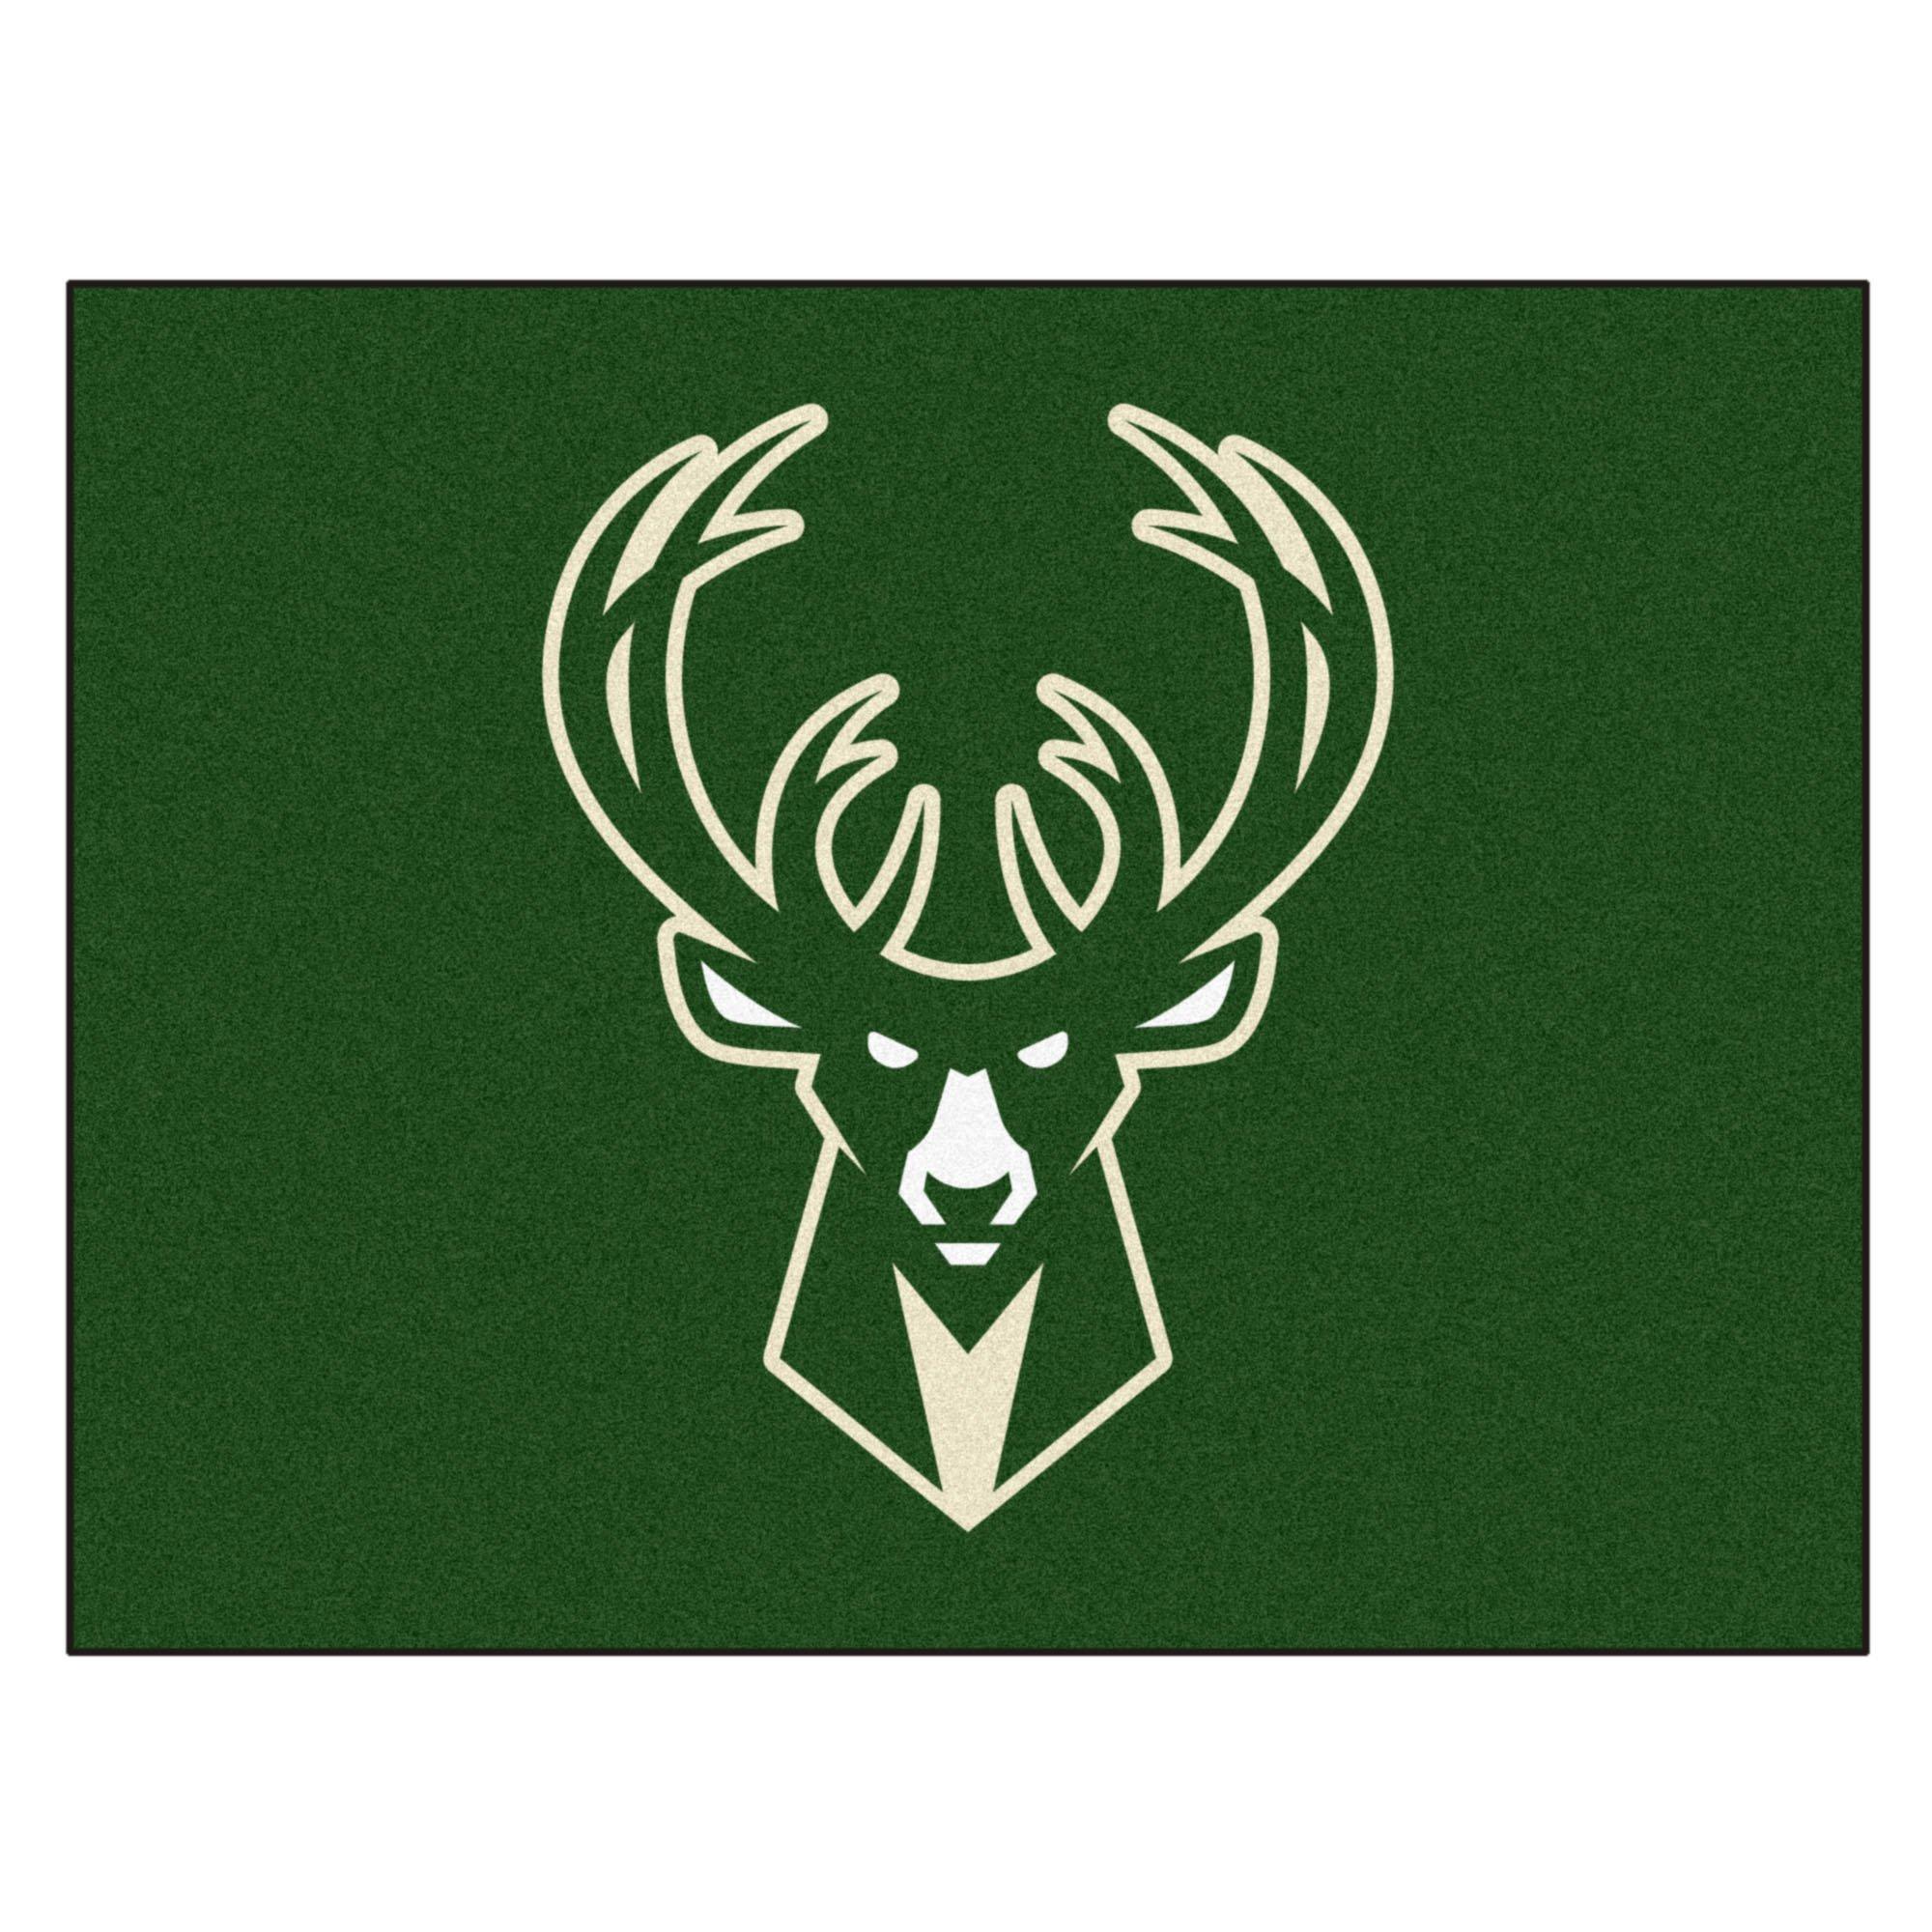 Fanmats 19453 33.75''x42.5'' Team Color NBA - Milwaukee Bucks All-Star Mat